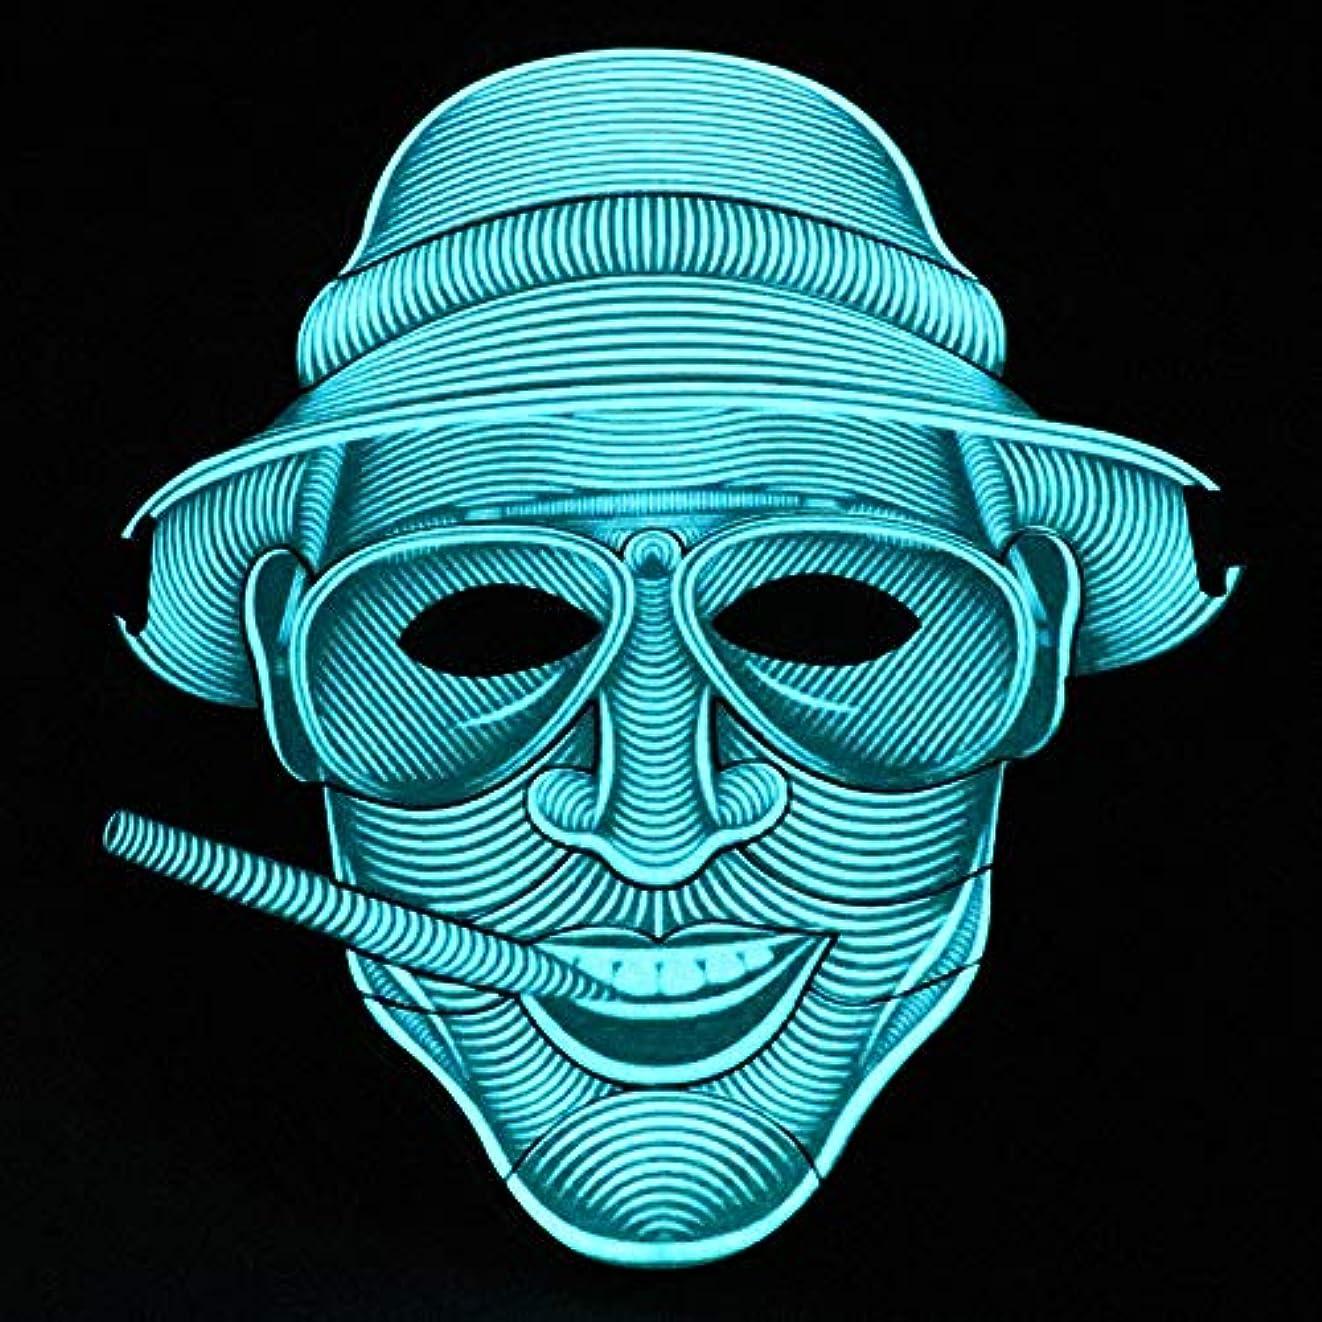 三長方形情熱照らされたマスクLED創造的な冷光音響制御マスクハロウィンバーフェスティバルダンスマスク (Color : #20)